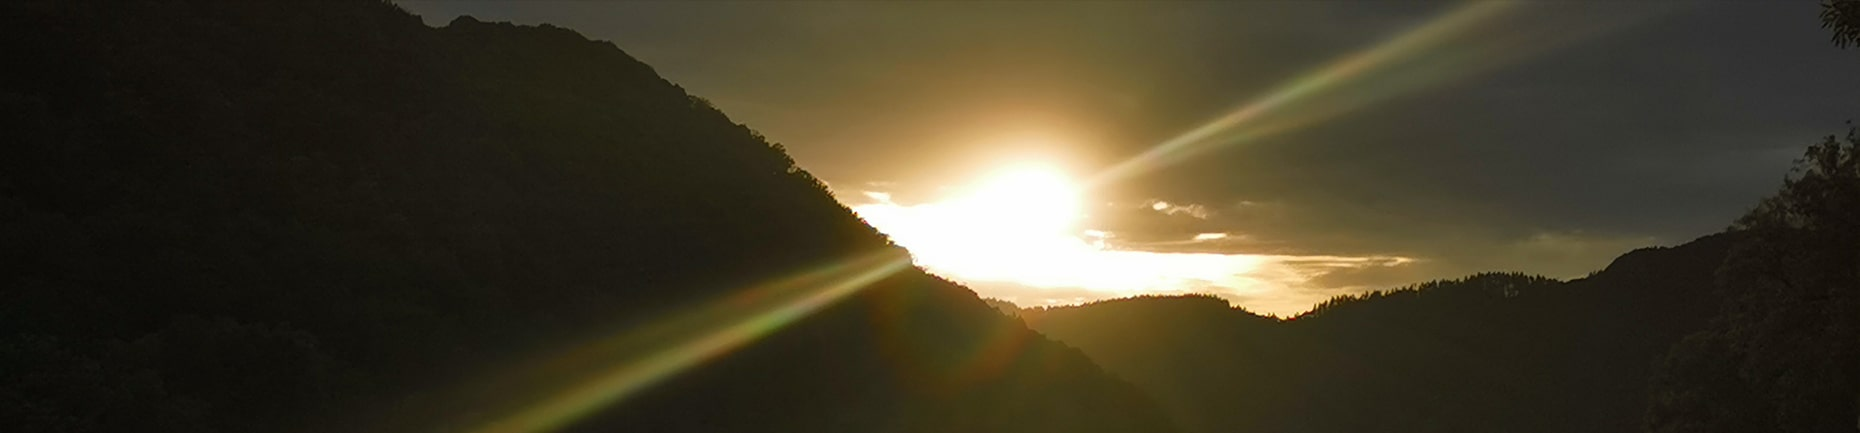 Sonnenuntergang an der Mosel Calmont-Region